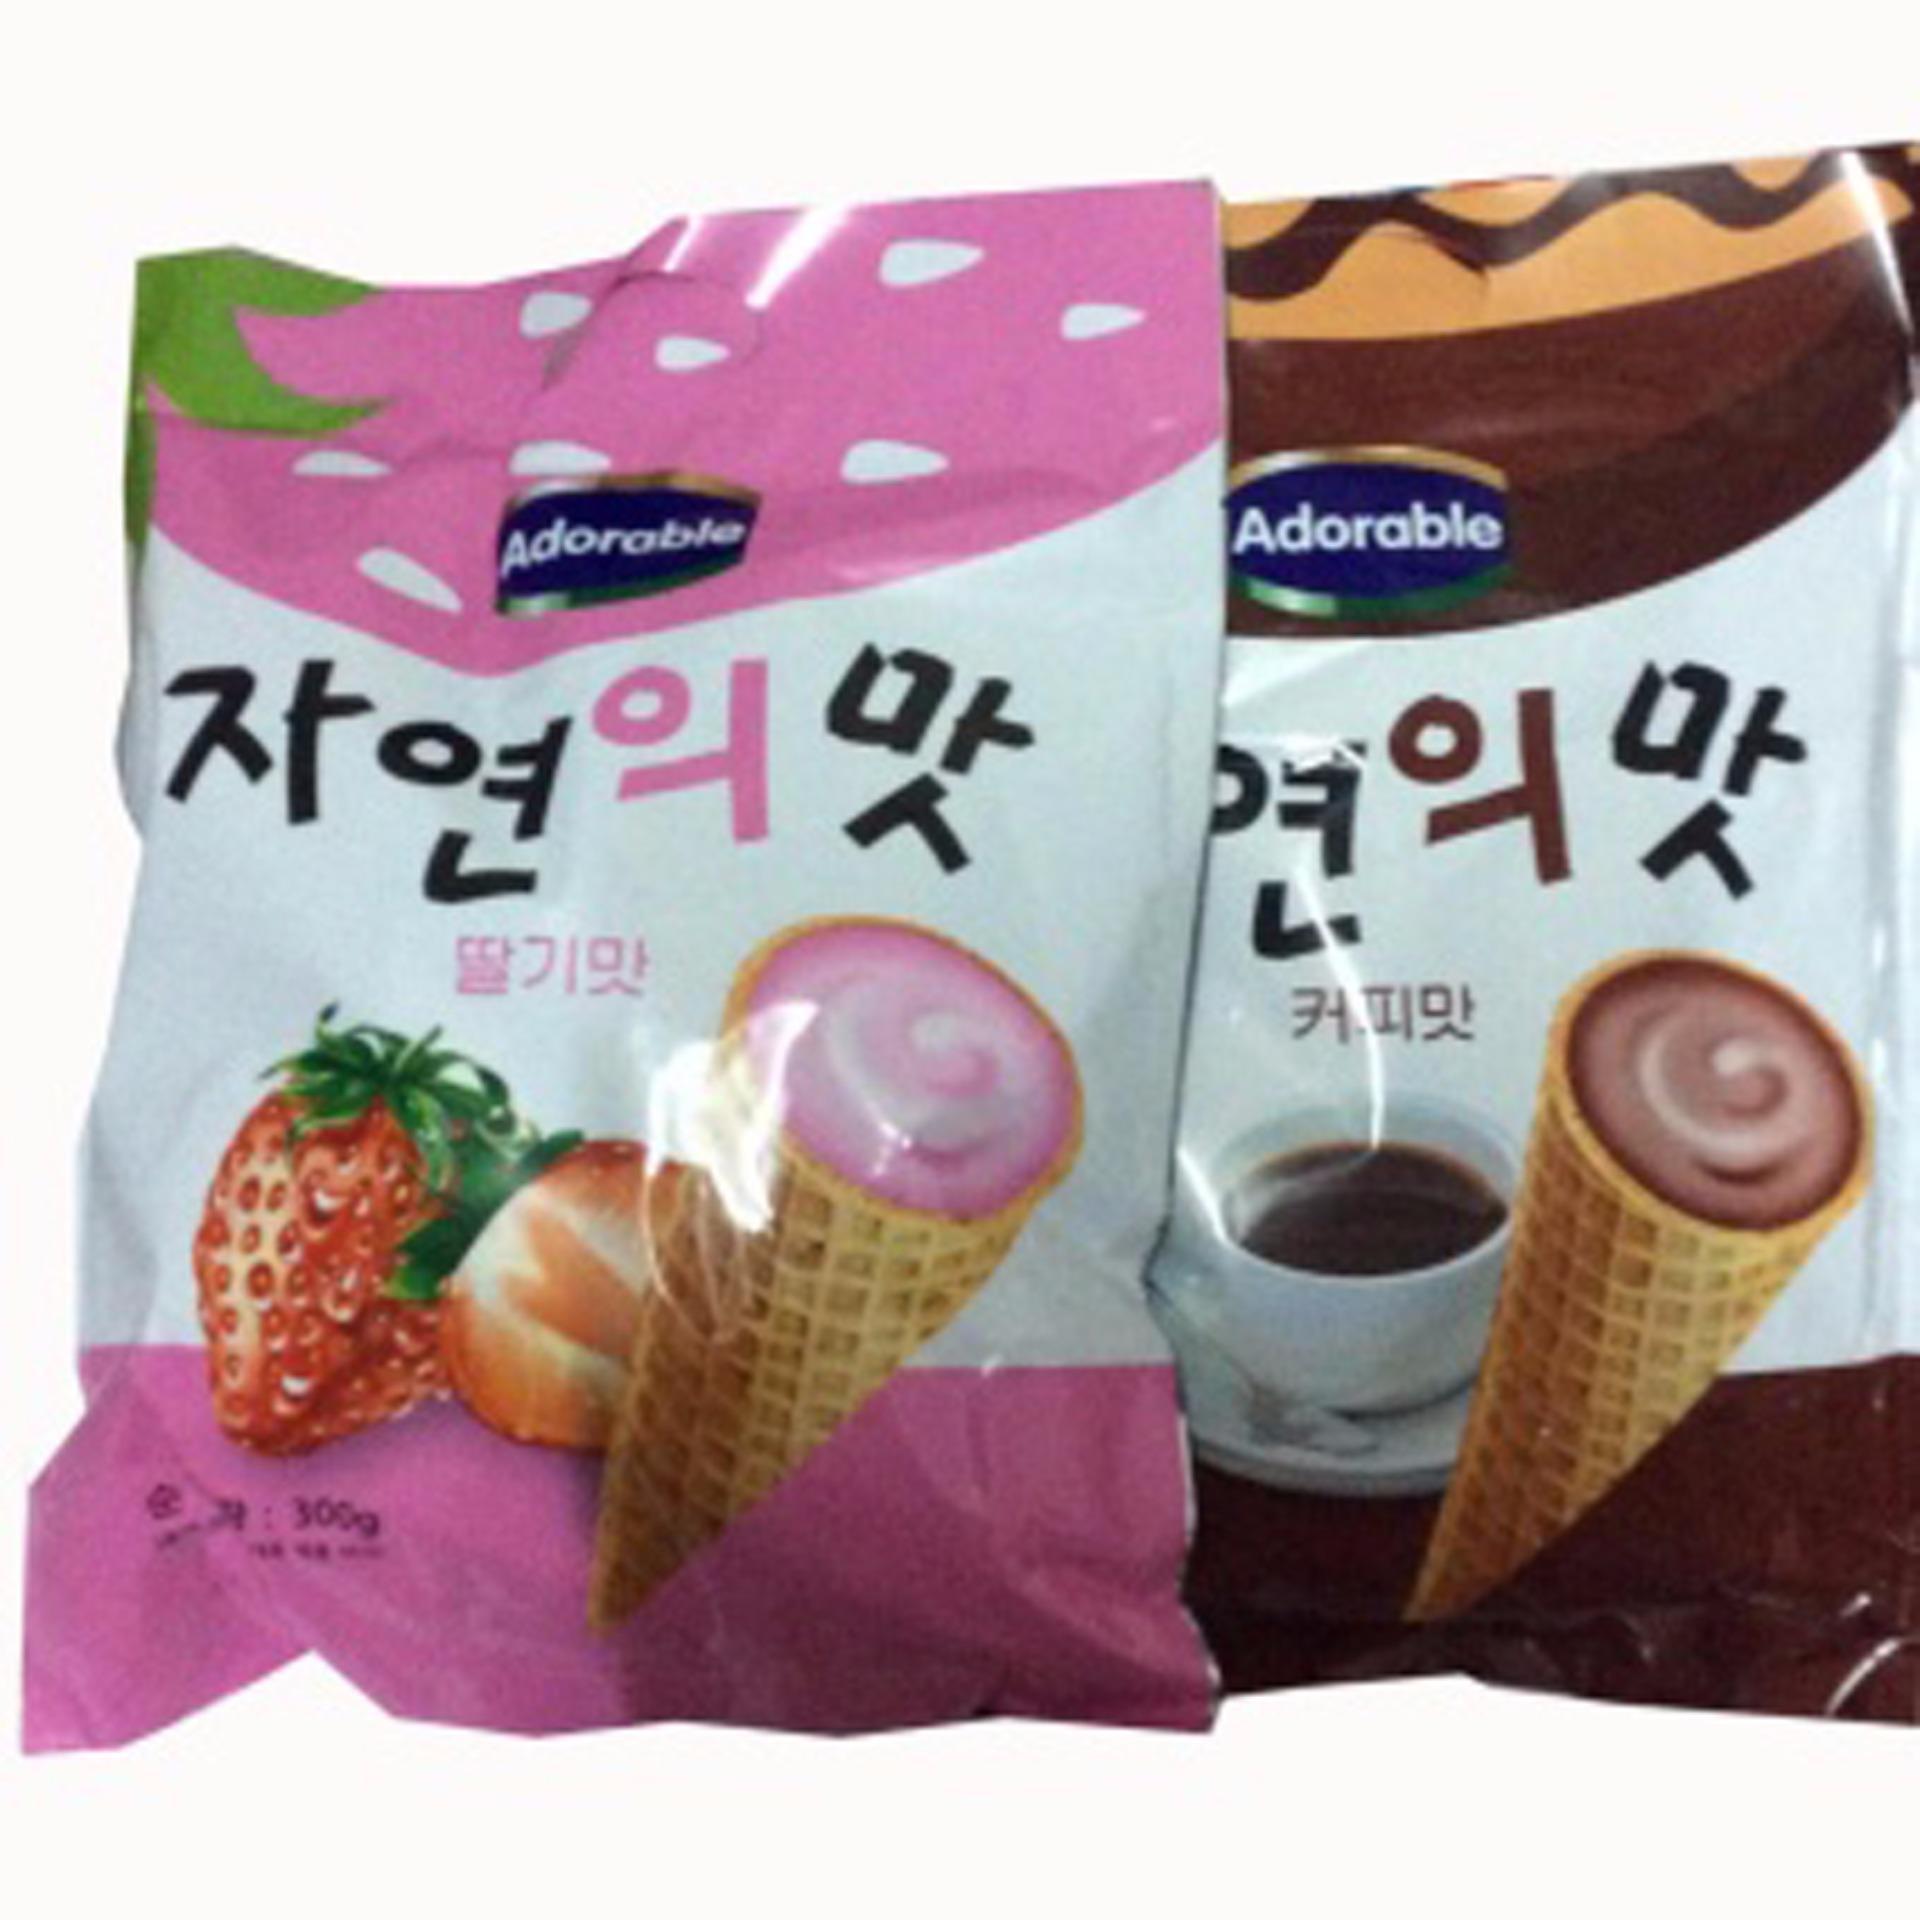 Bộ 2 Gói Bánh ốc quế Adorable (Kem Dâu+Cà Phê) 300g/gói Hàn Quốc